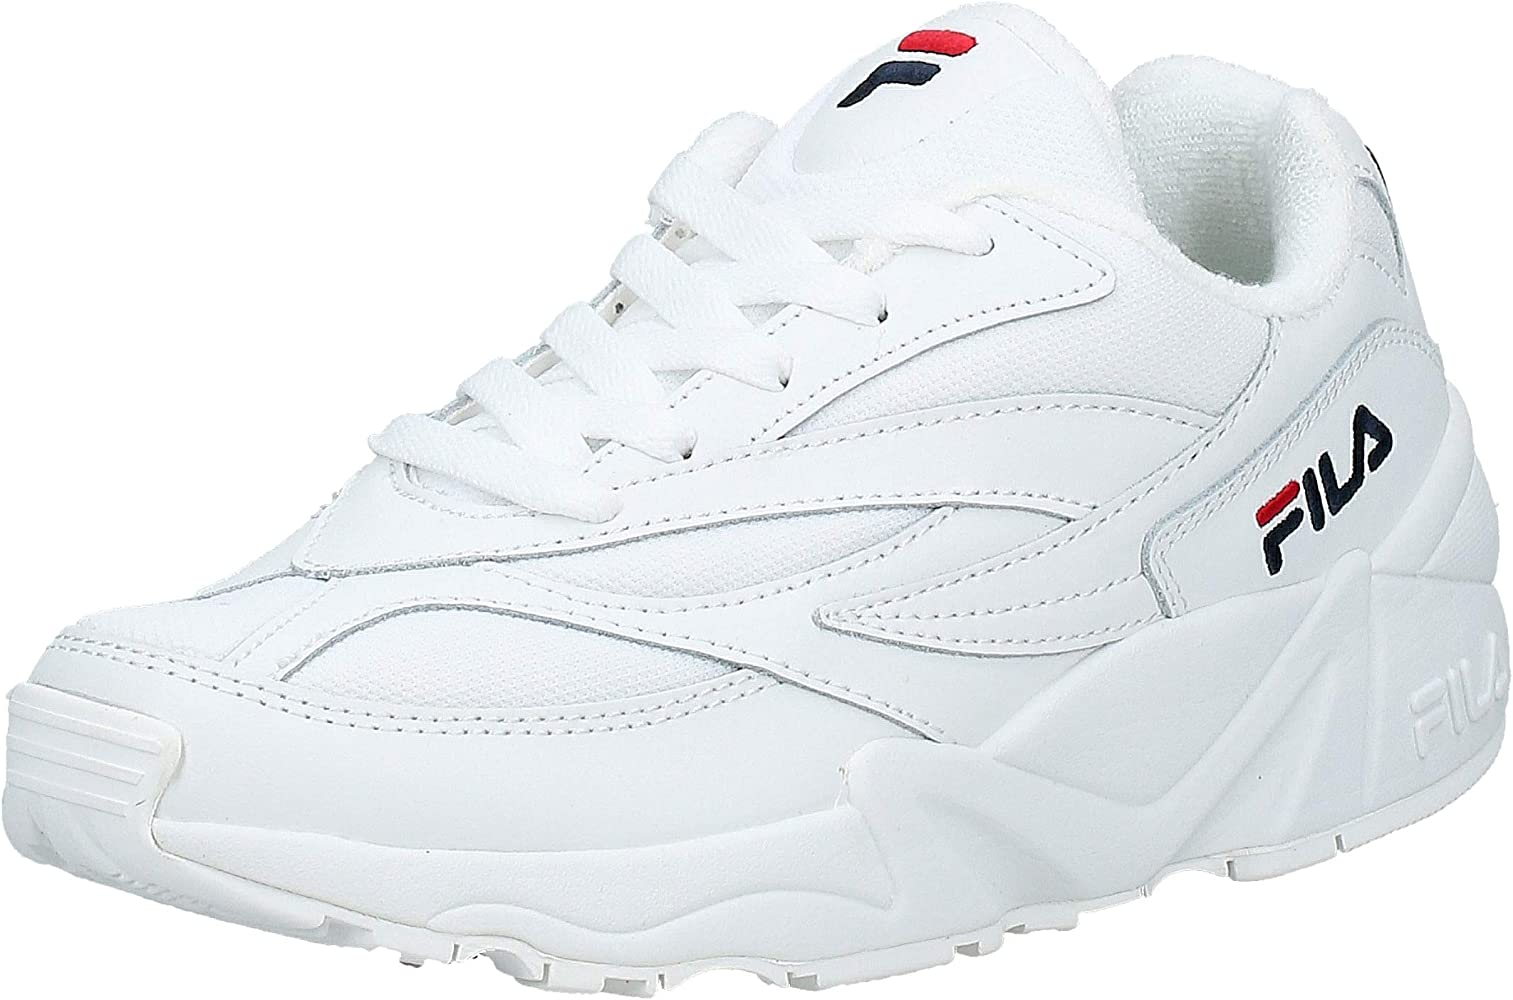 Fila V94M W Calzado White: Amazon.es: Zapatos y complementos